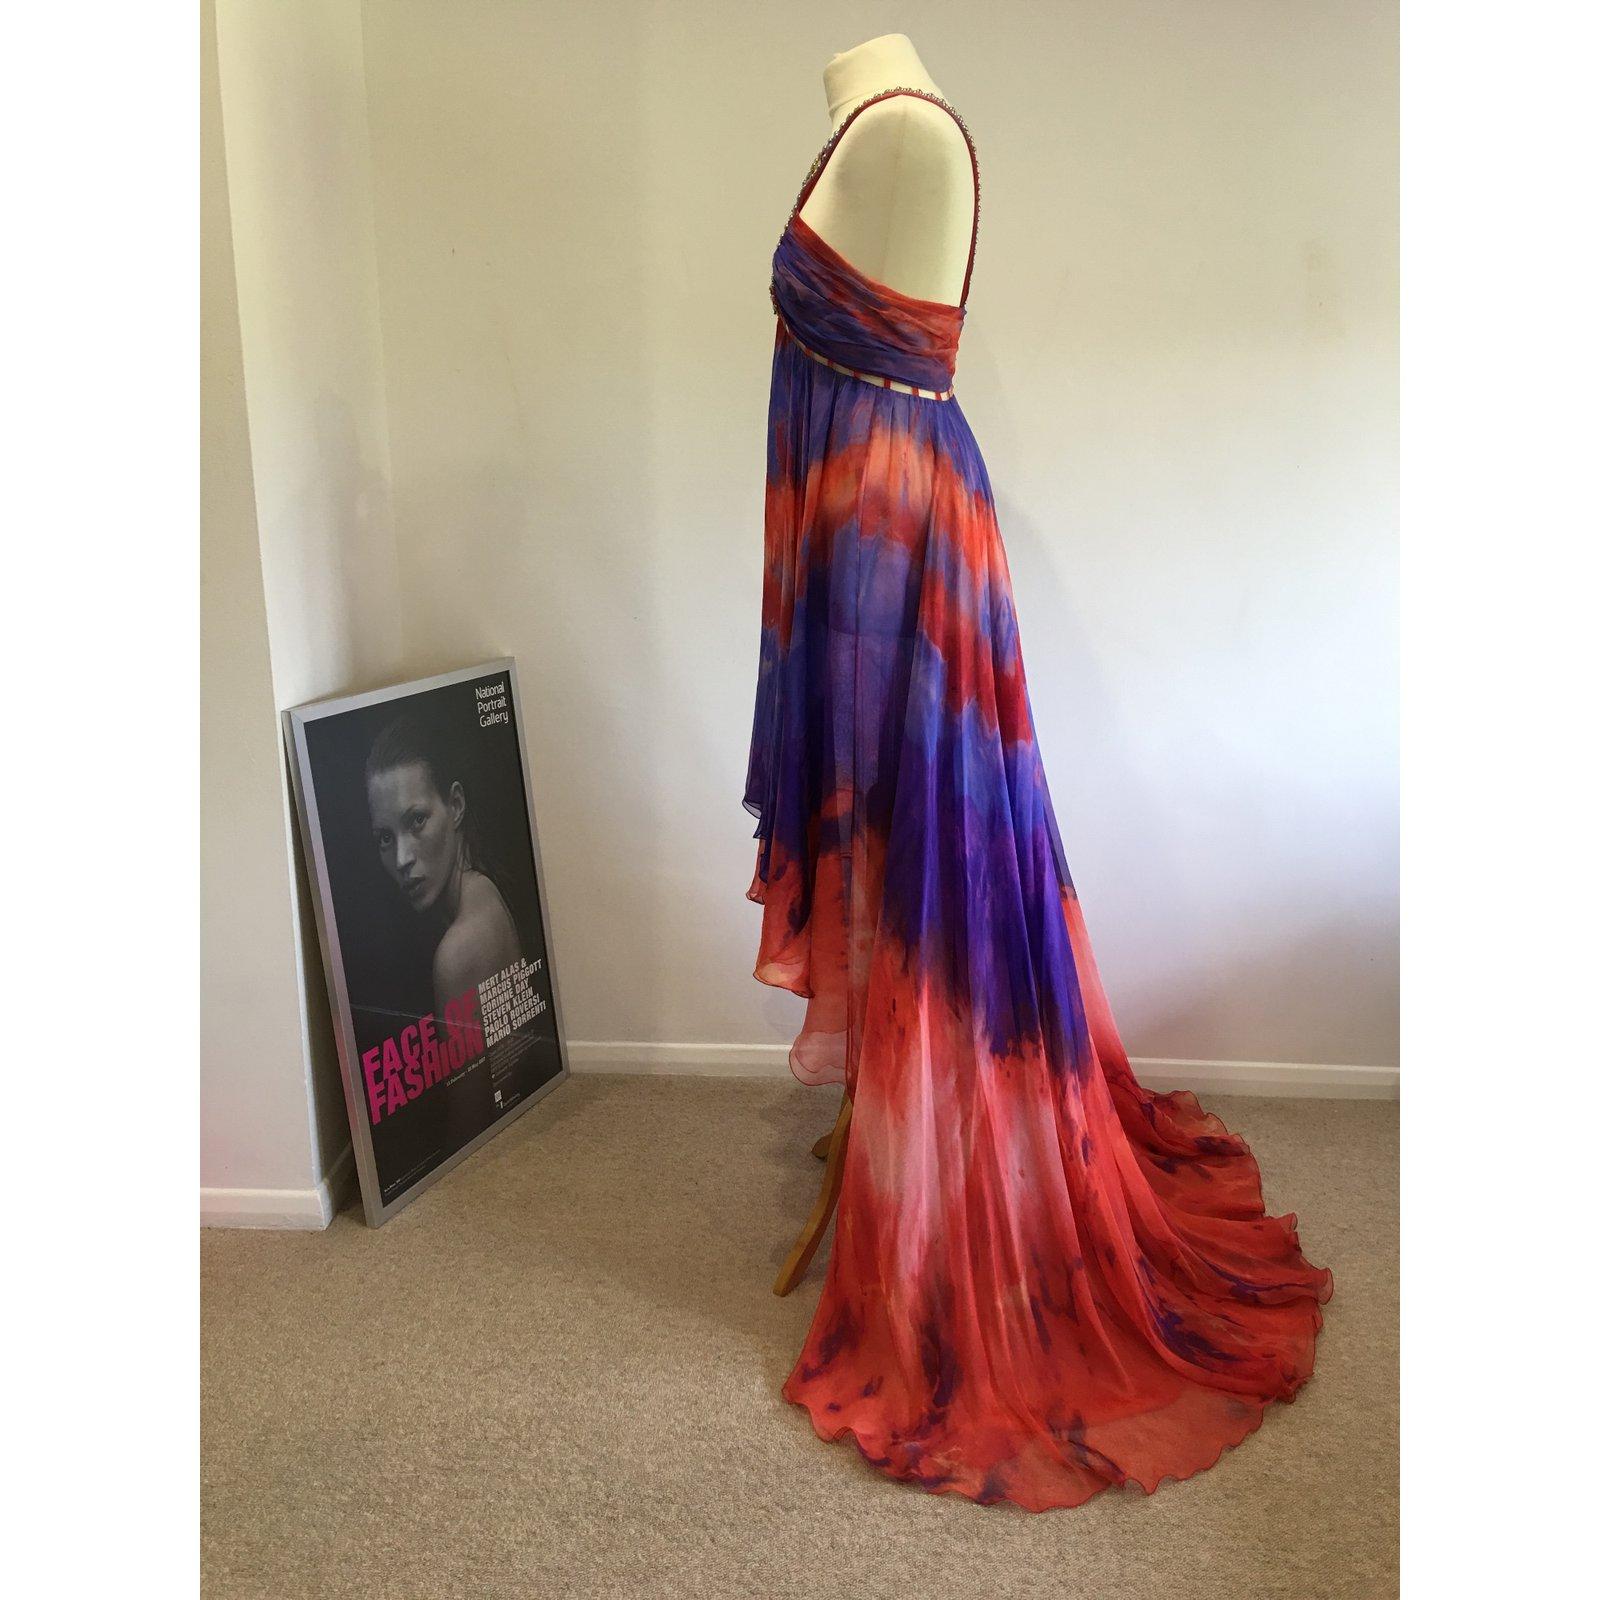 ef3529e7ca1 Emilio Pucci Runway maxi dress Dresses Silk Multiple colors ref.17659 -  Joli Closet